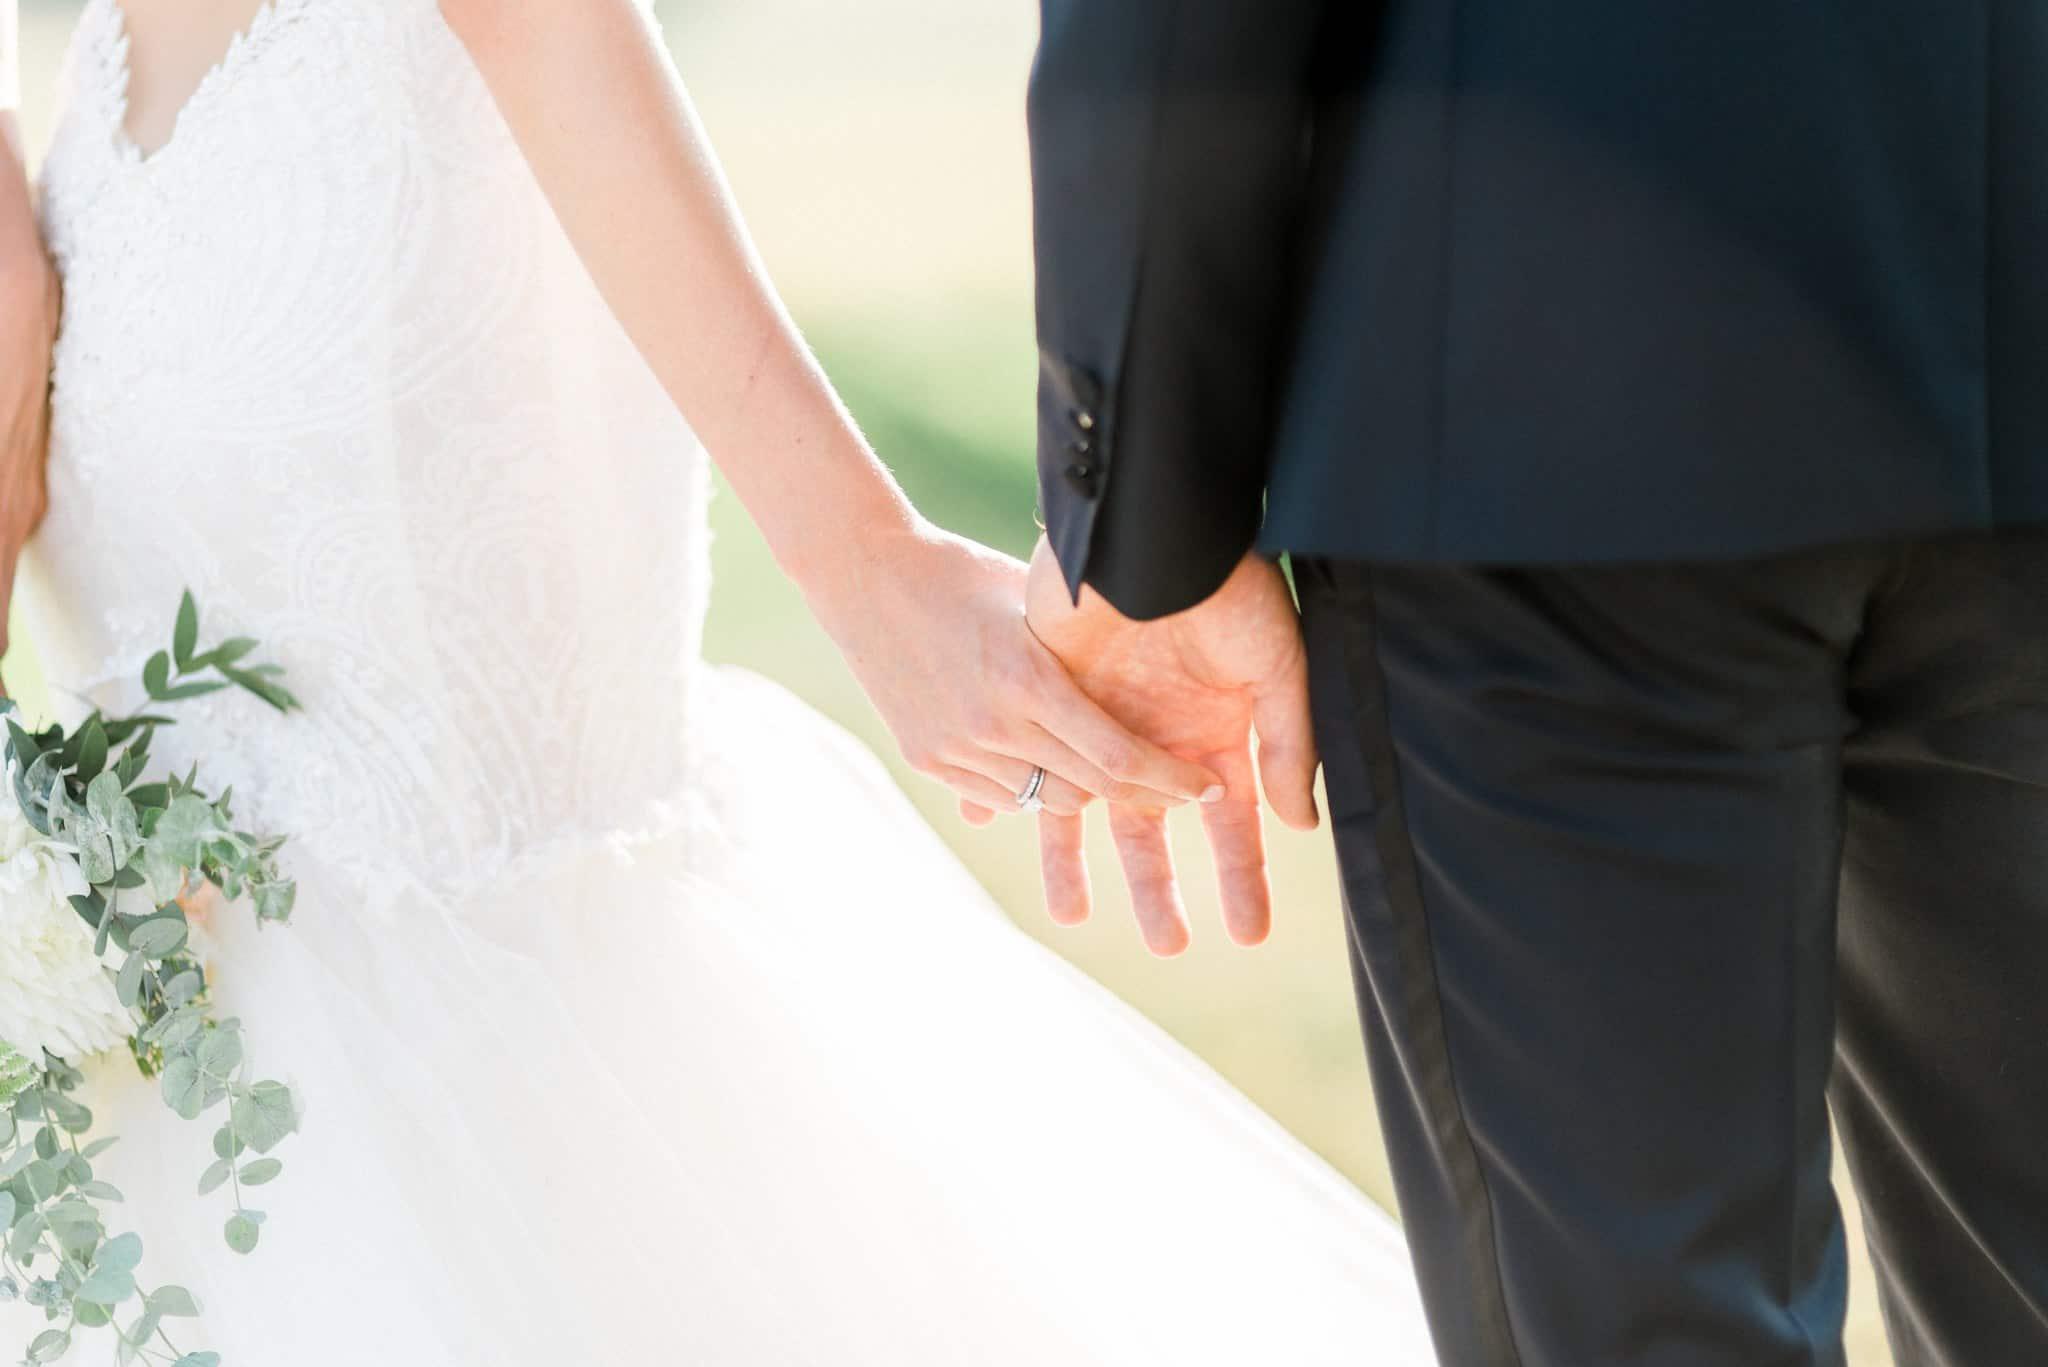 Wedoverhills_Prewedding_Fineart_Wedding_Photography_Vineyard_0009